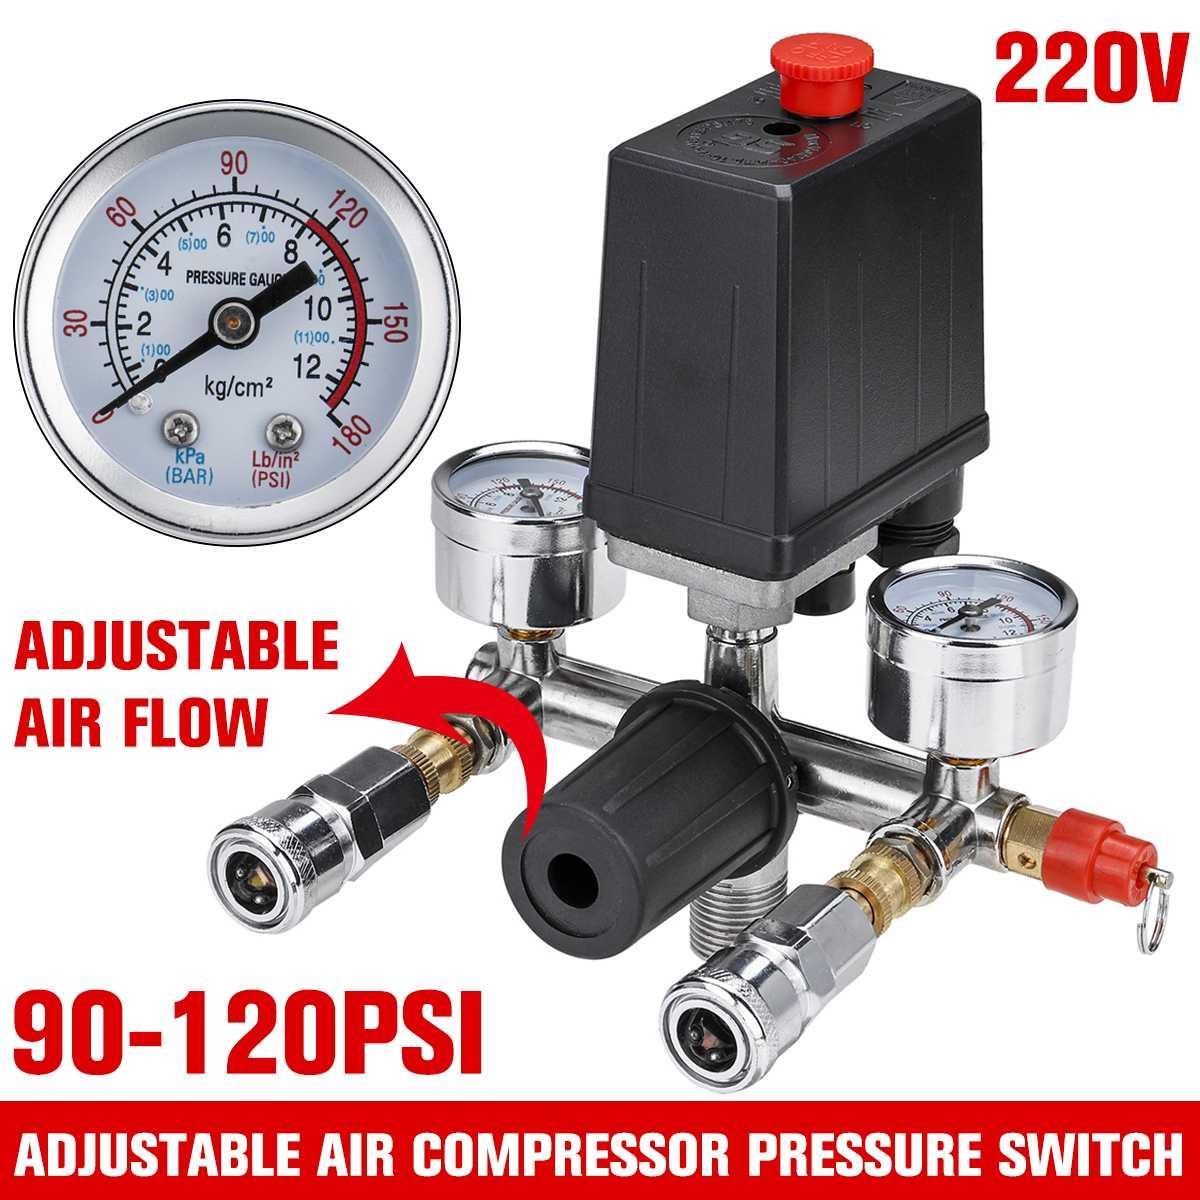 Interruptor de válvula de presión de la bomba del compresor de aire de 220V regulador de alivio del colector de flujo de aire ajustable Válvula de Control 90-120 PSI con manómetro